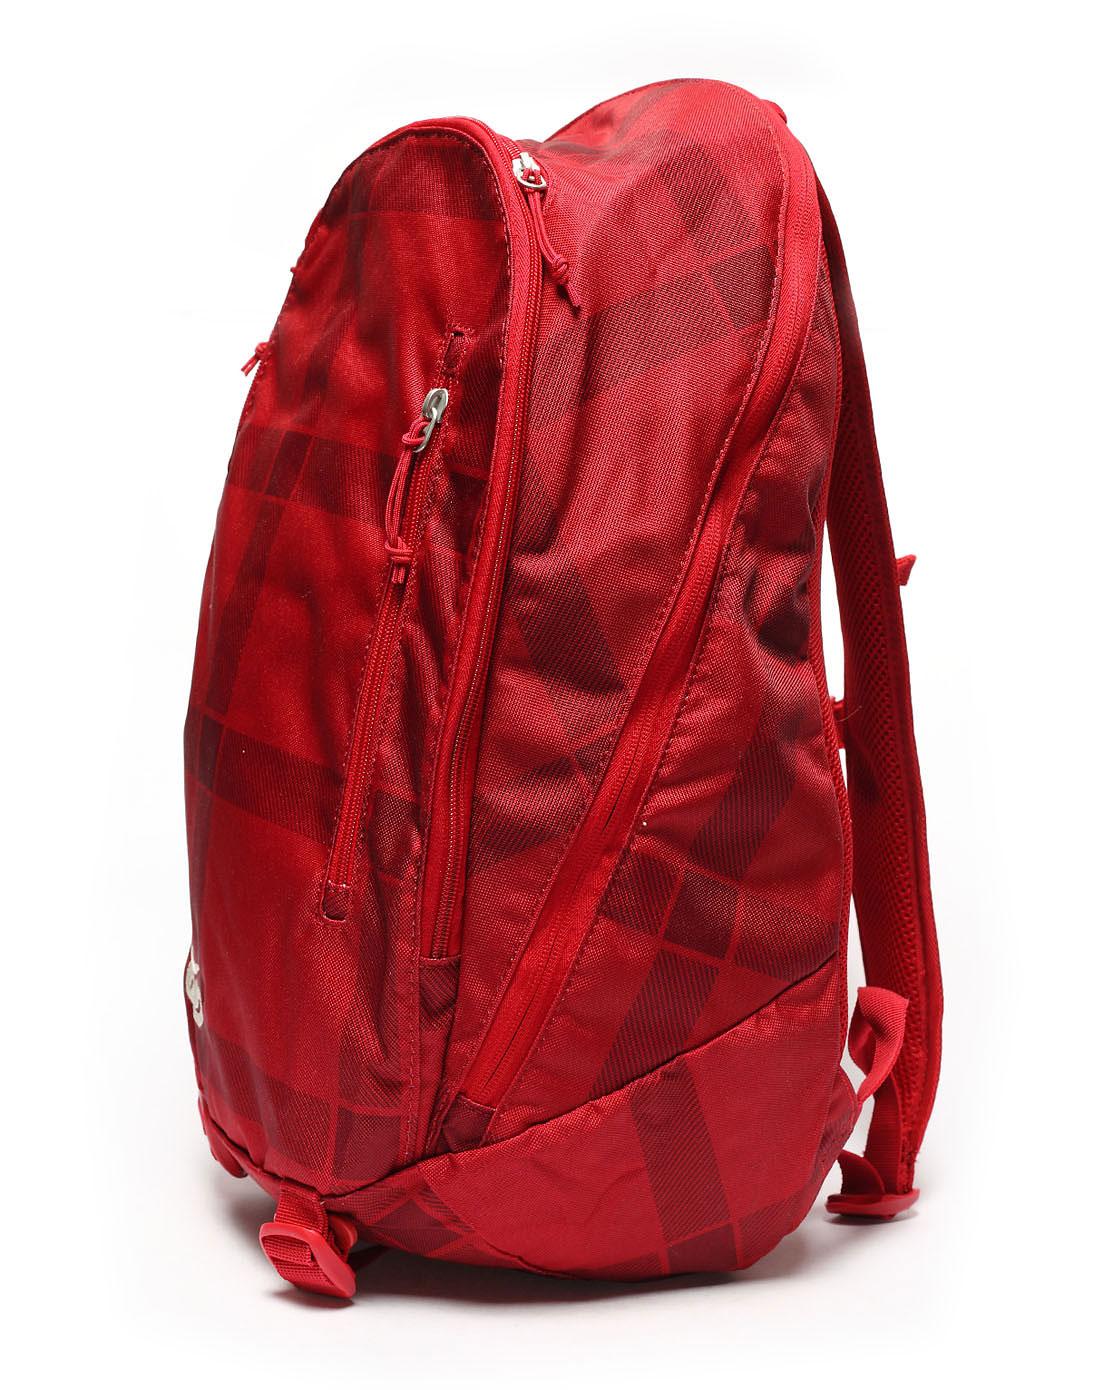 耐克nike男子红色背包ba3274-622